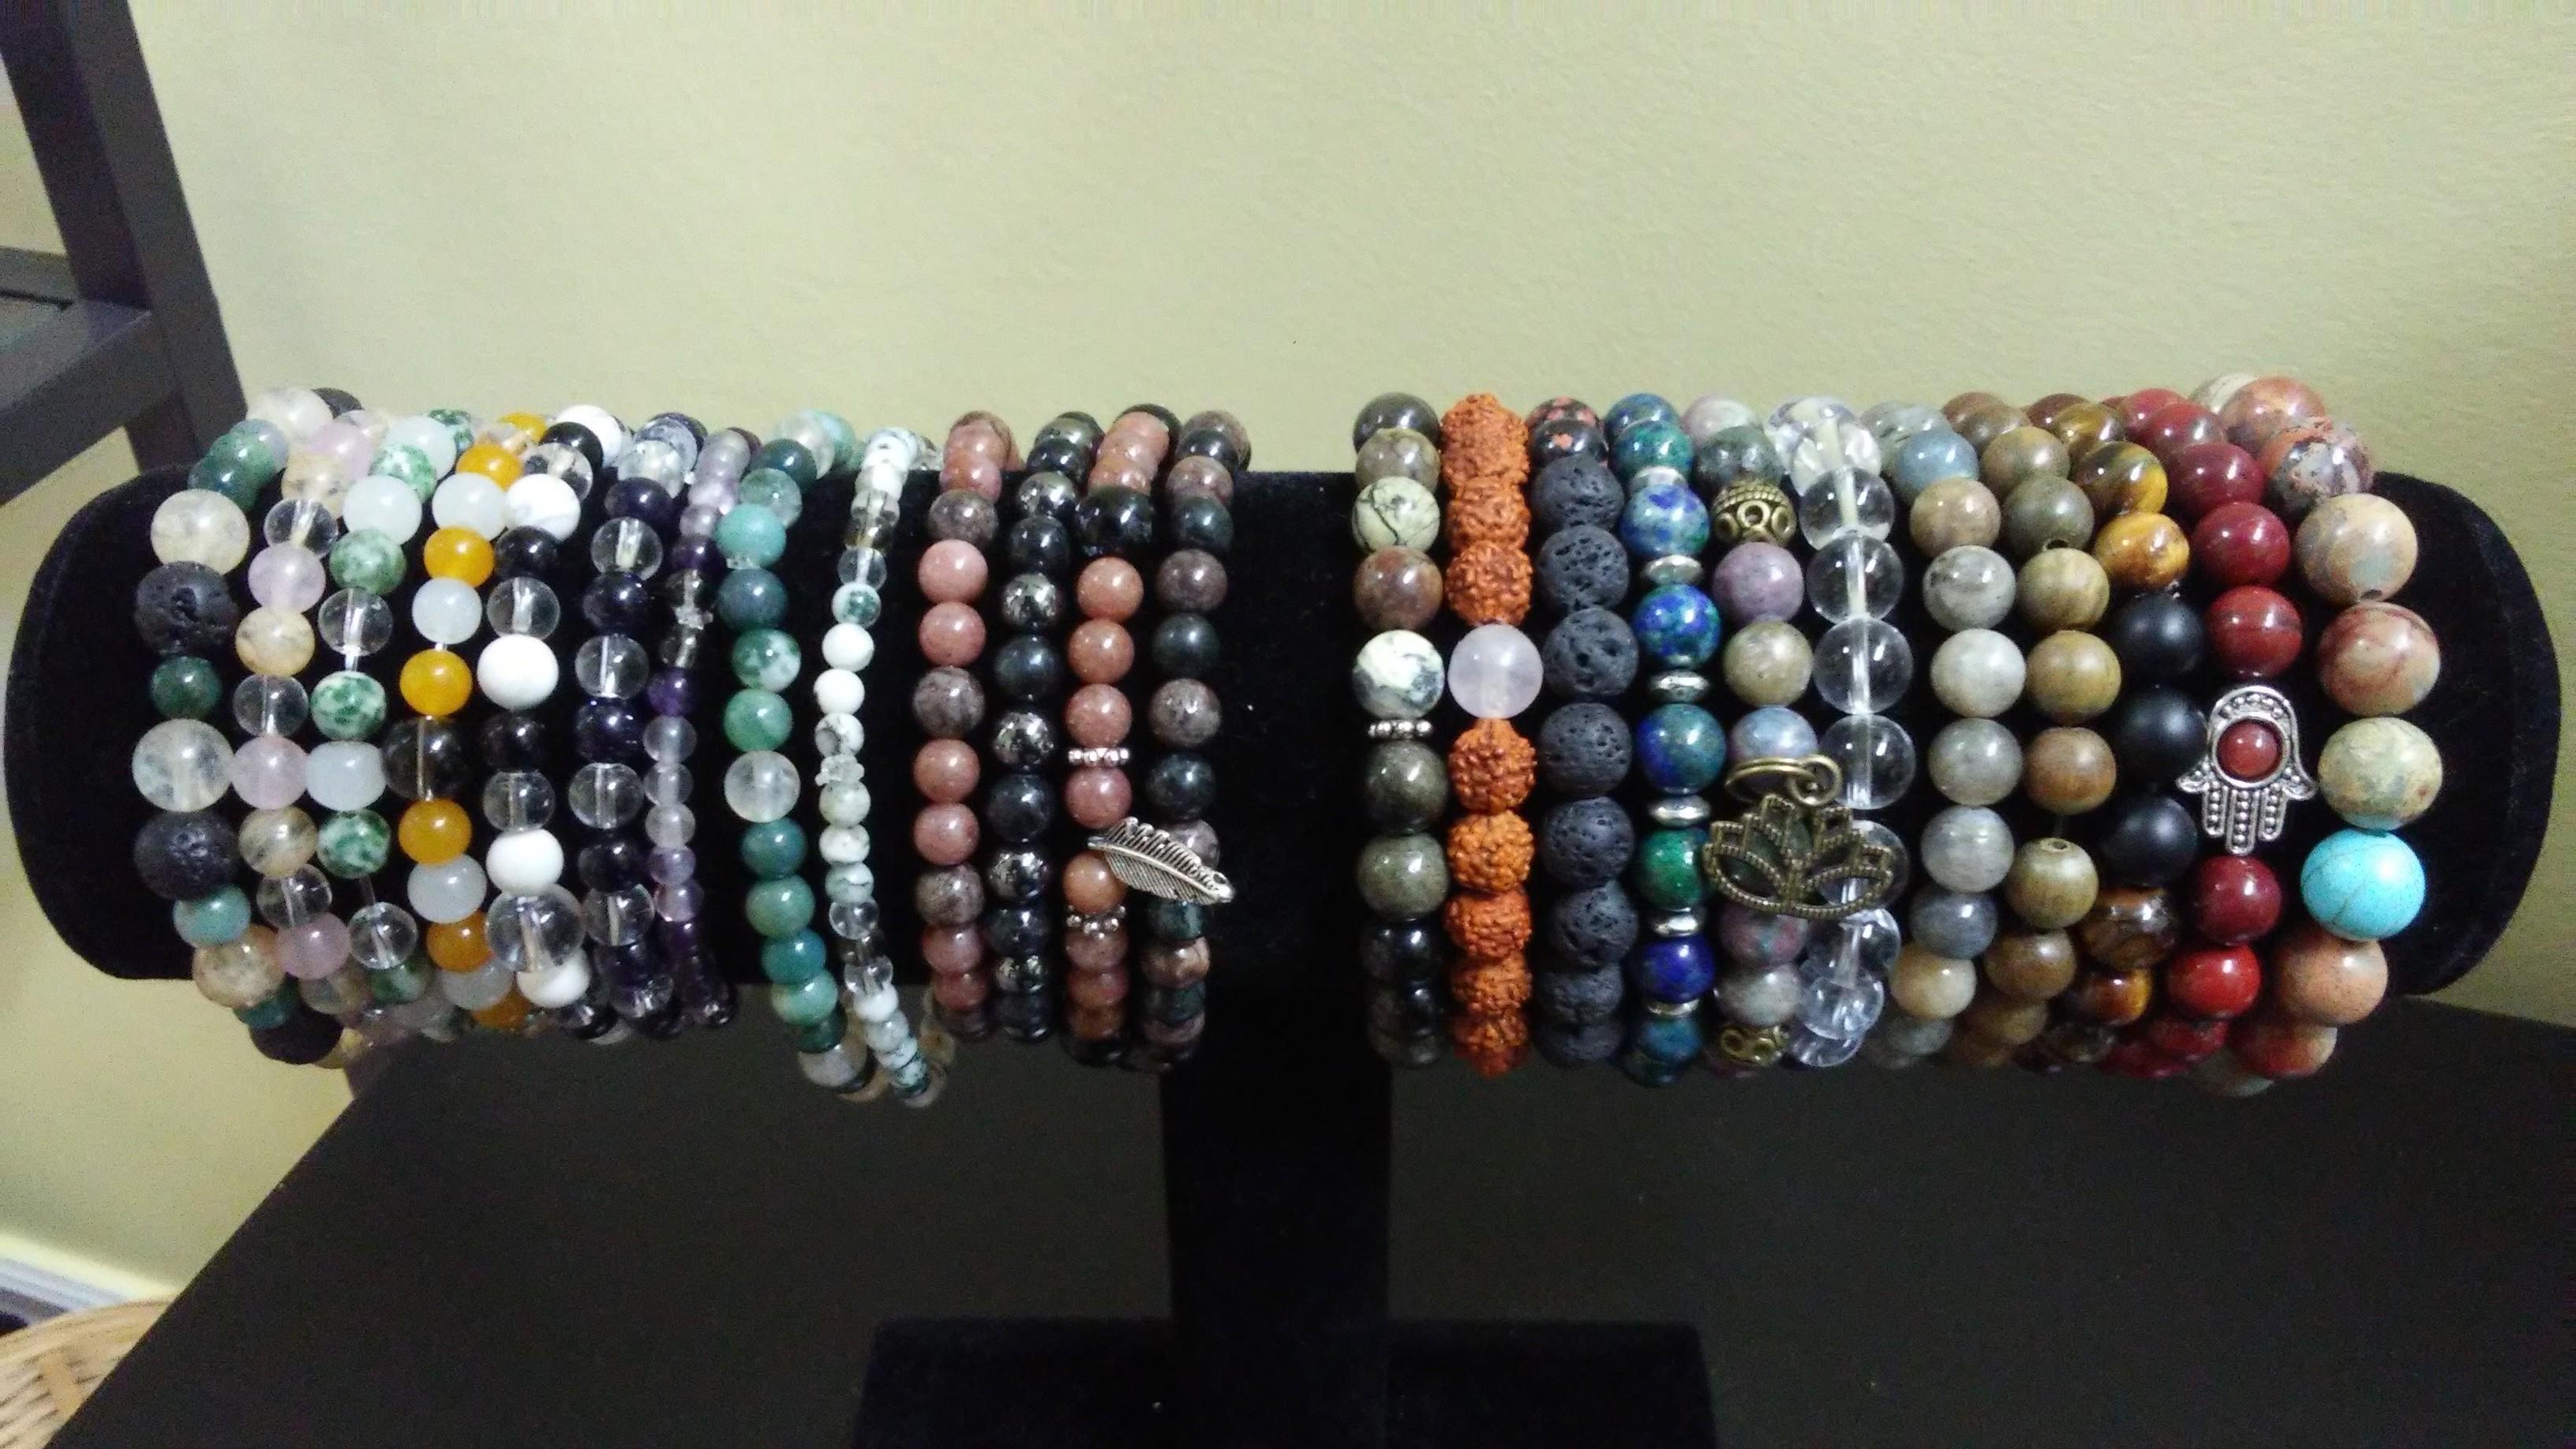 Healing Malas/Bracelets